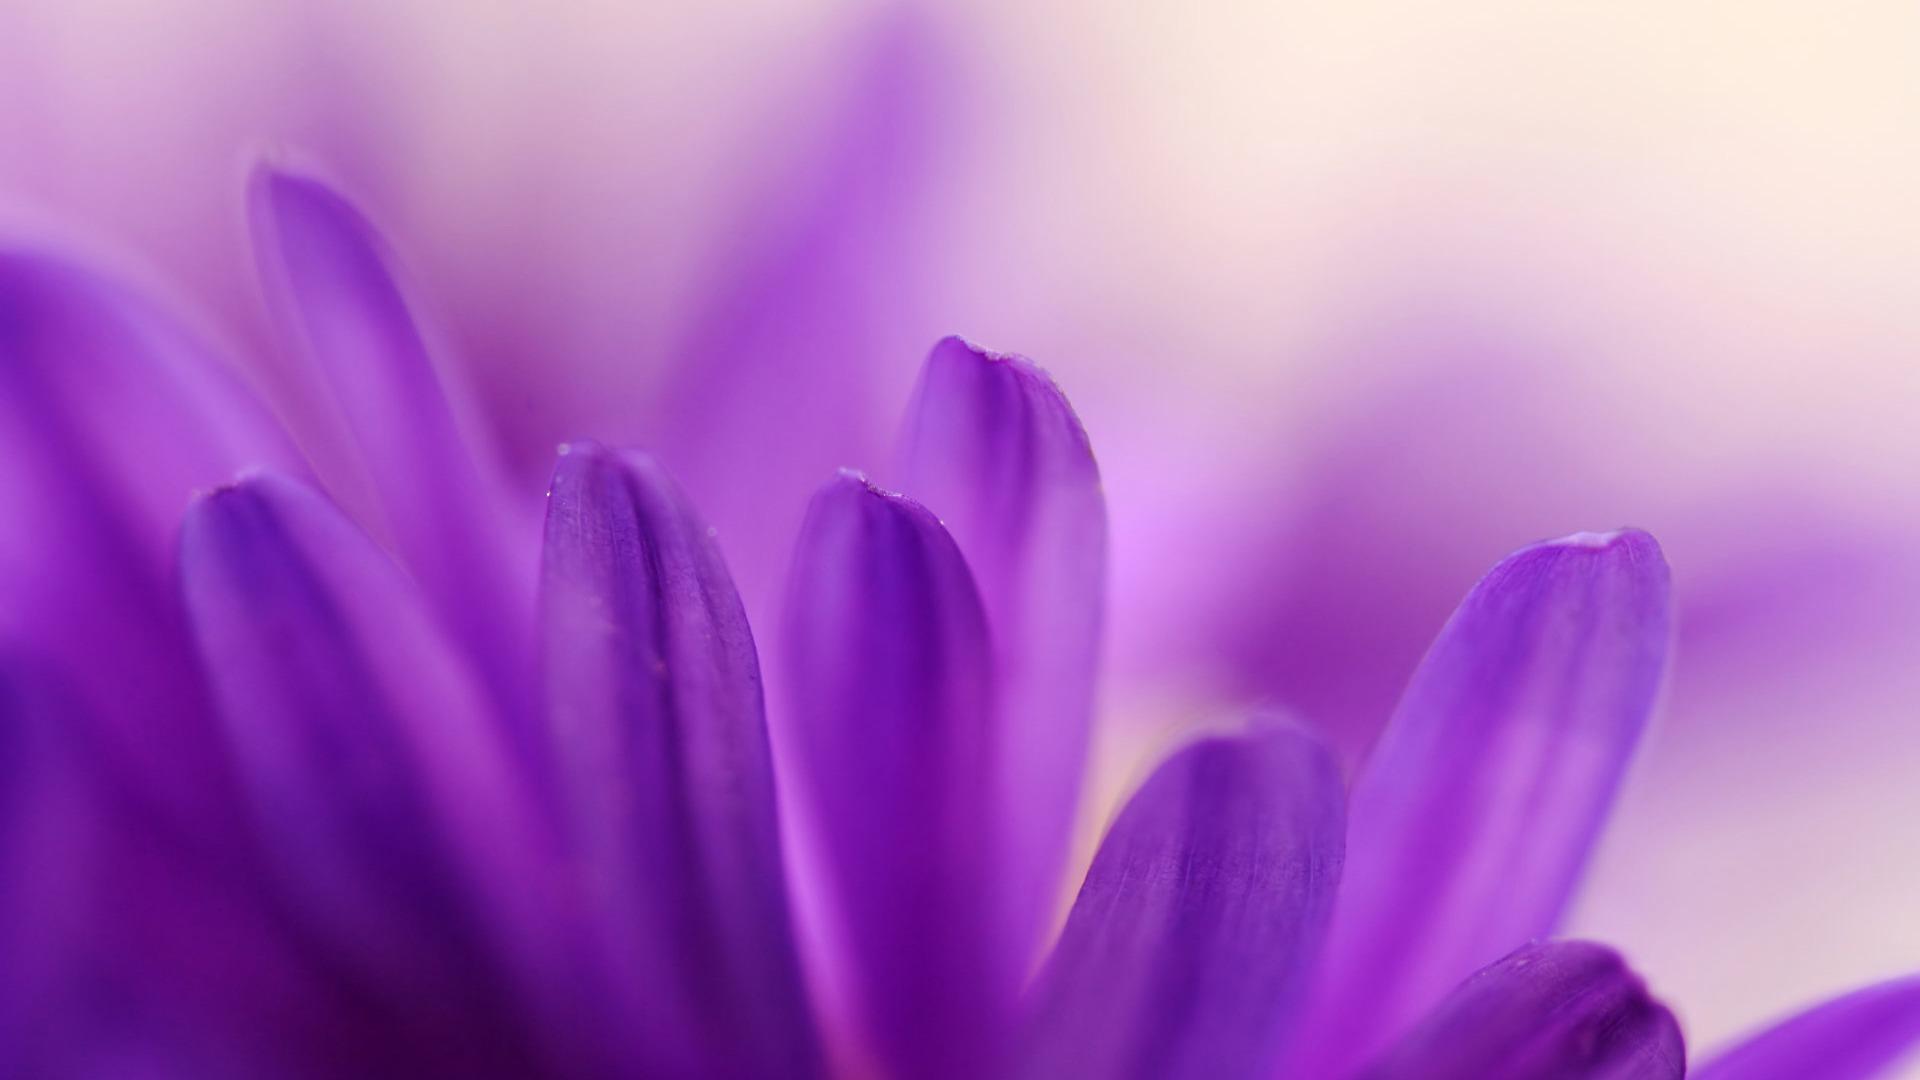 purple petals-Macro Flowers-1920x1080 Download ...